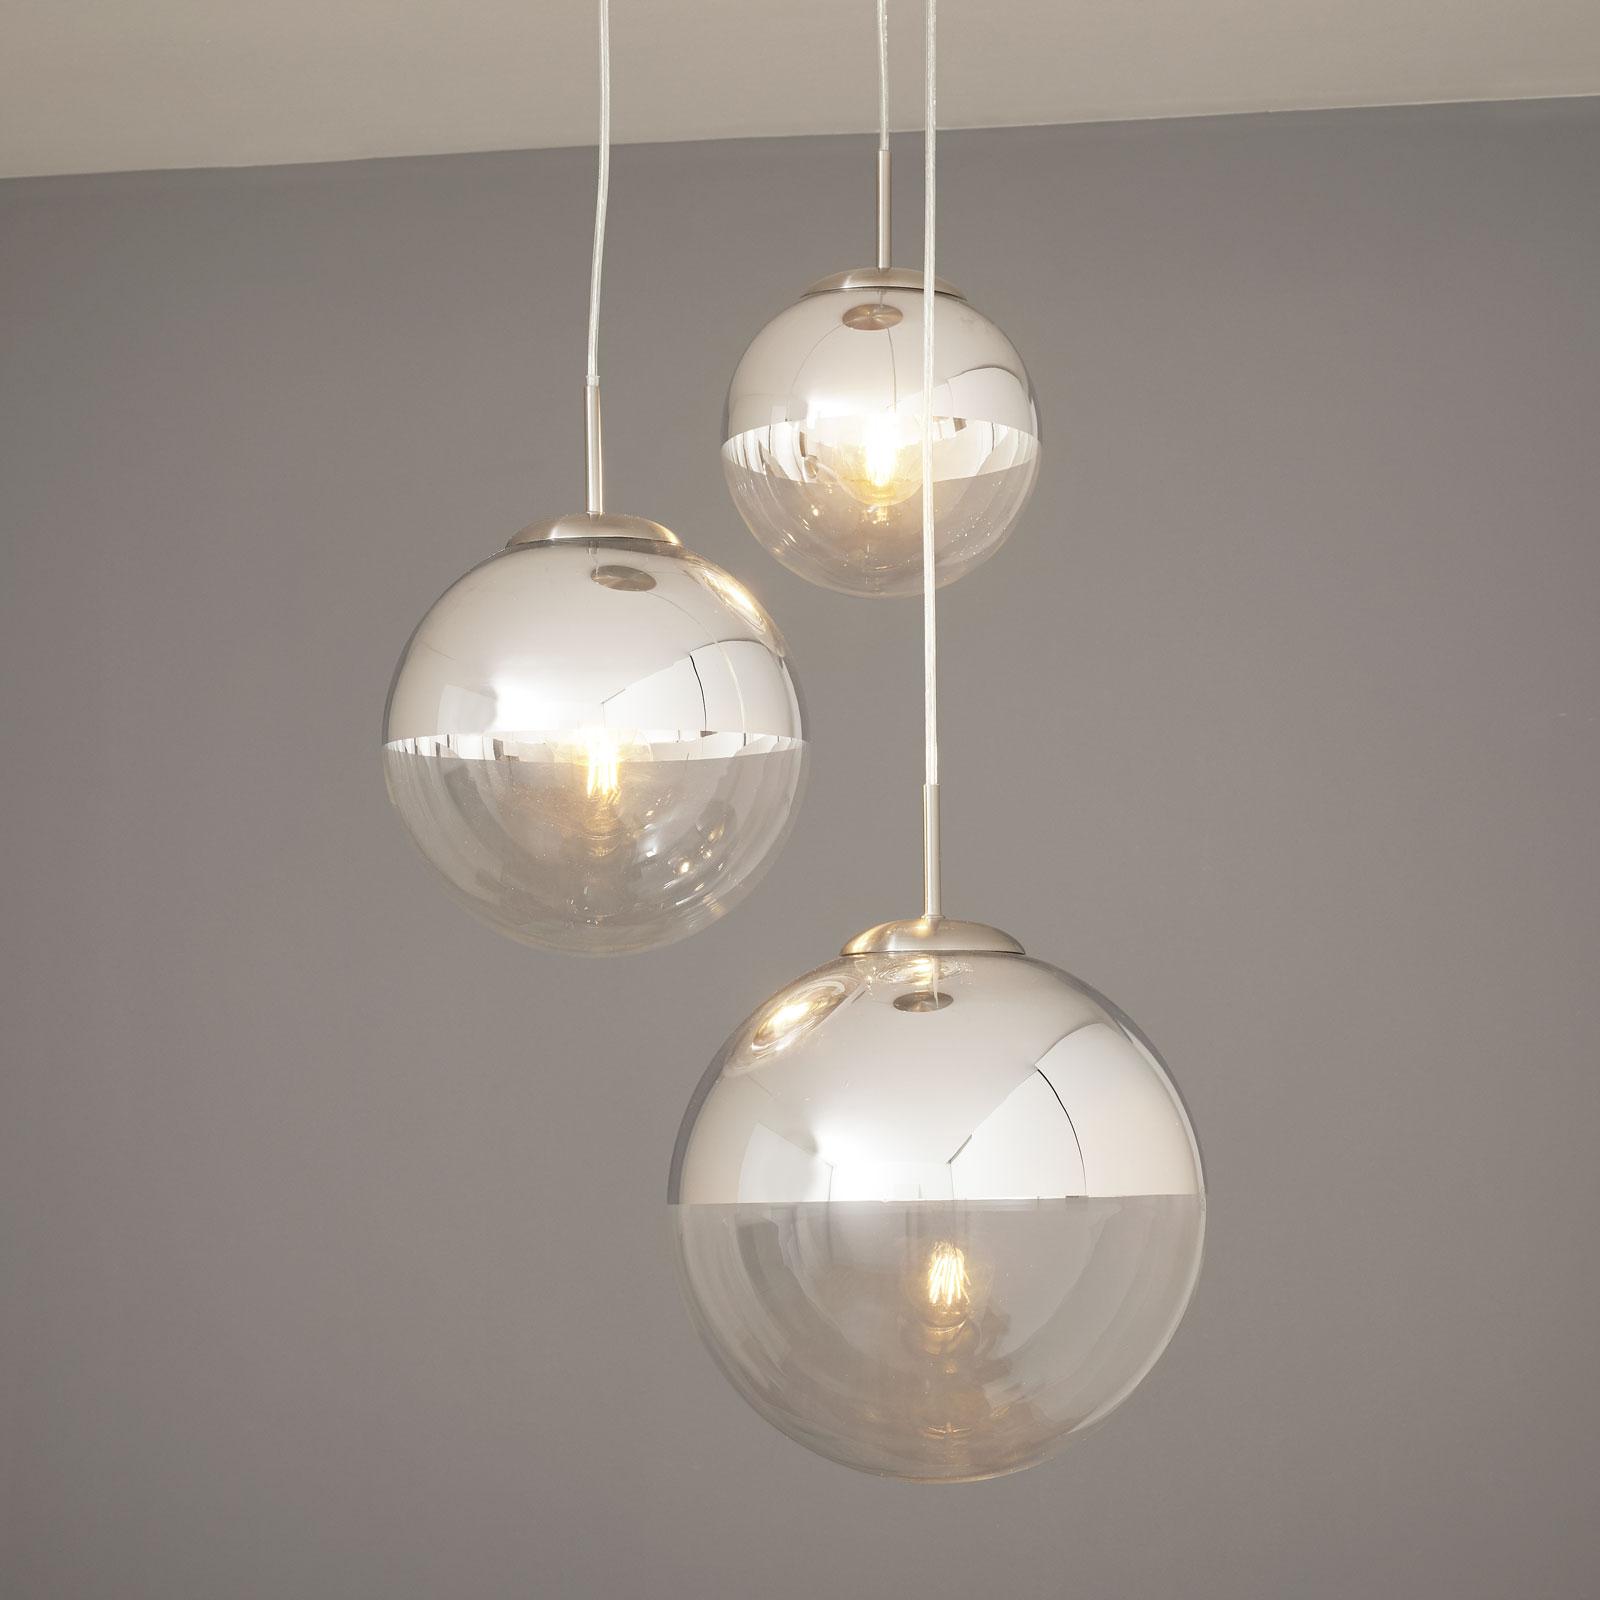 Lampada a sospensione Ravena con 3 sfere di vetro